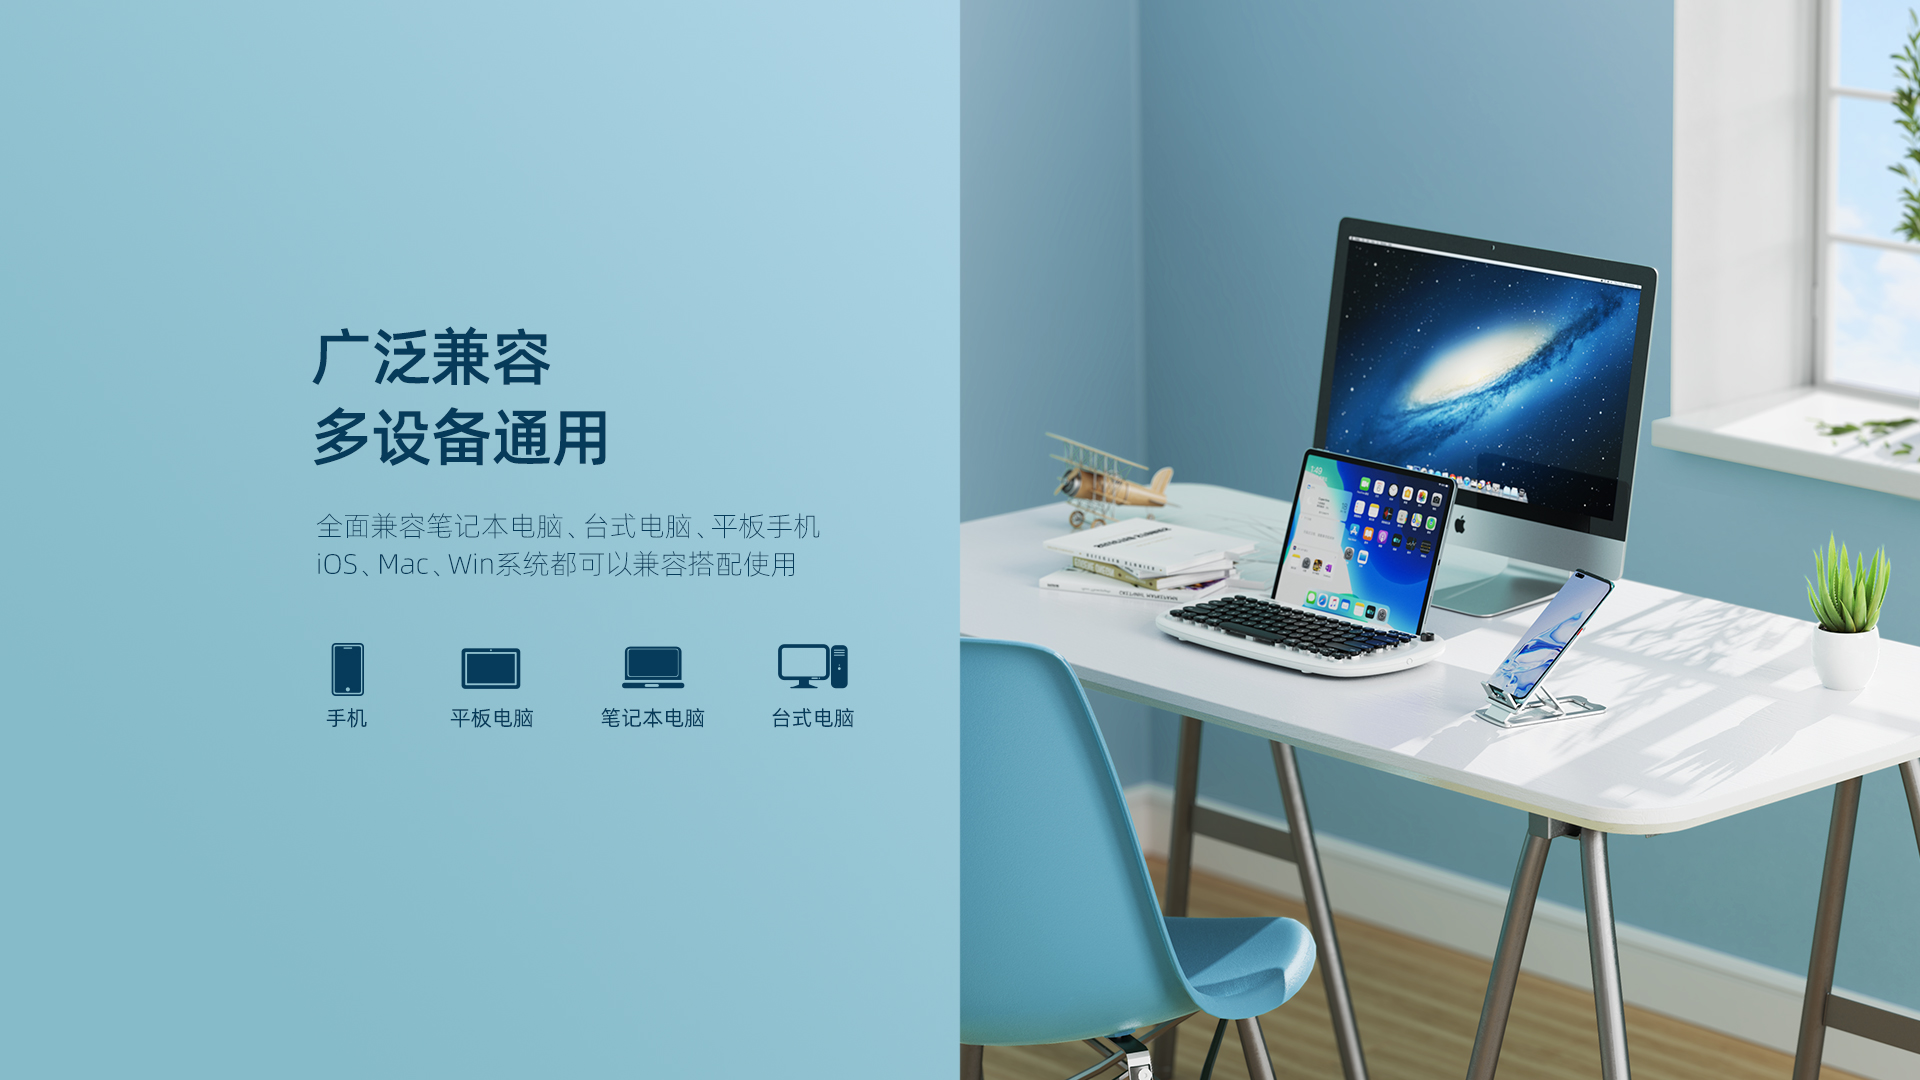 JP-1-无线三模键盘-网页_03